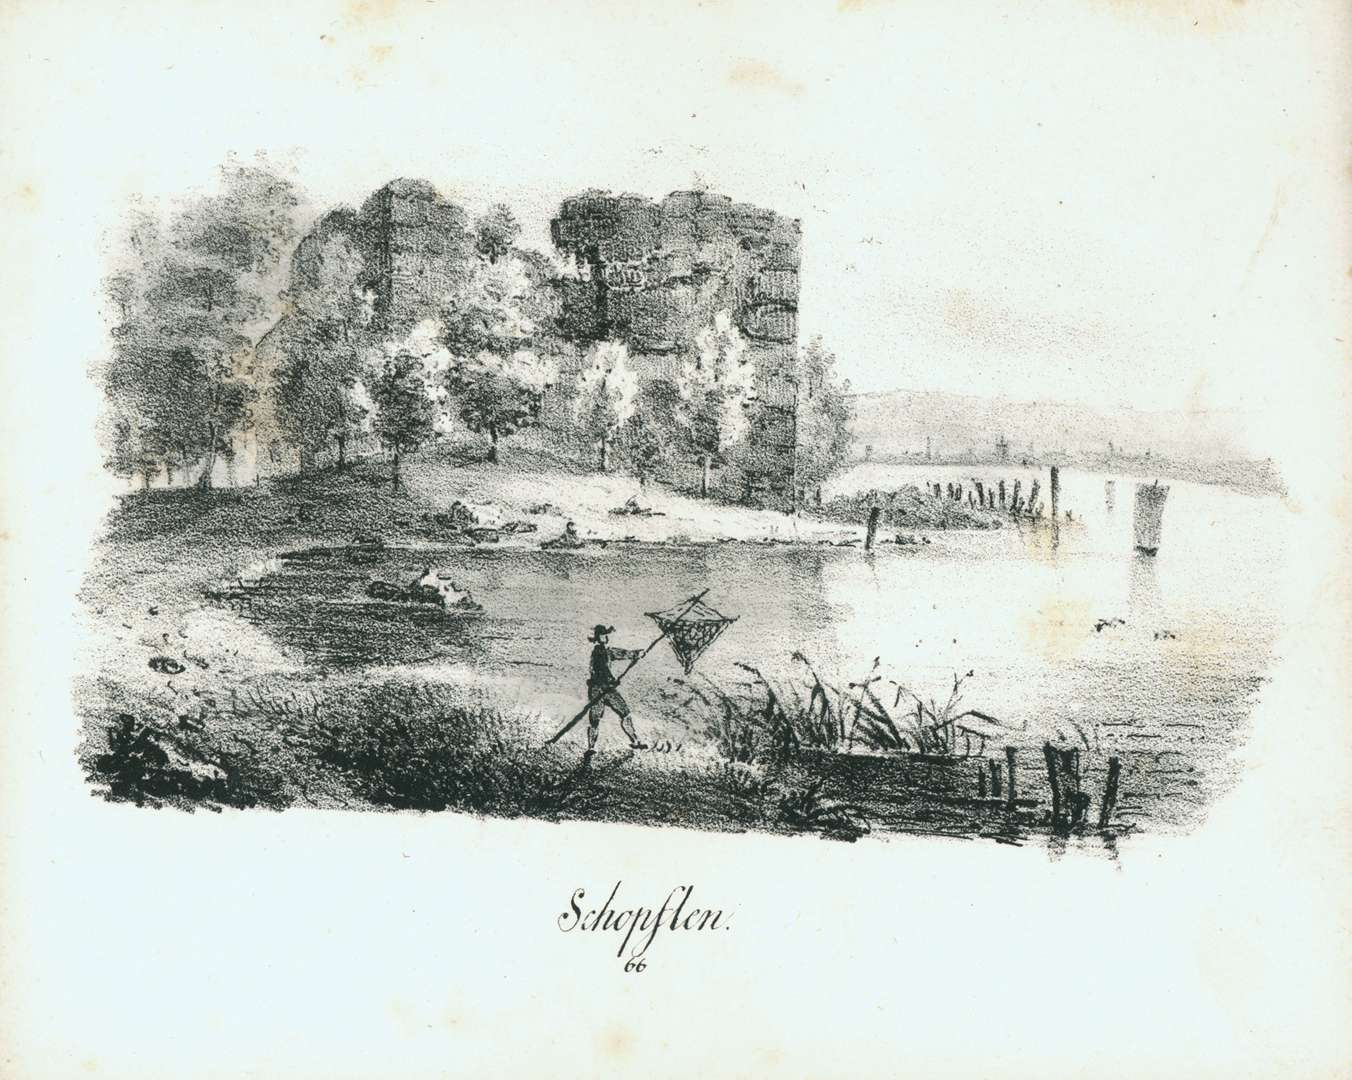 [Ruine] Schopflen [auf der Insel Reichenau], Bild 1